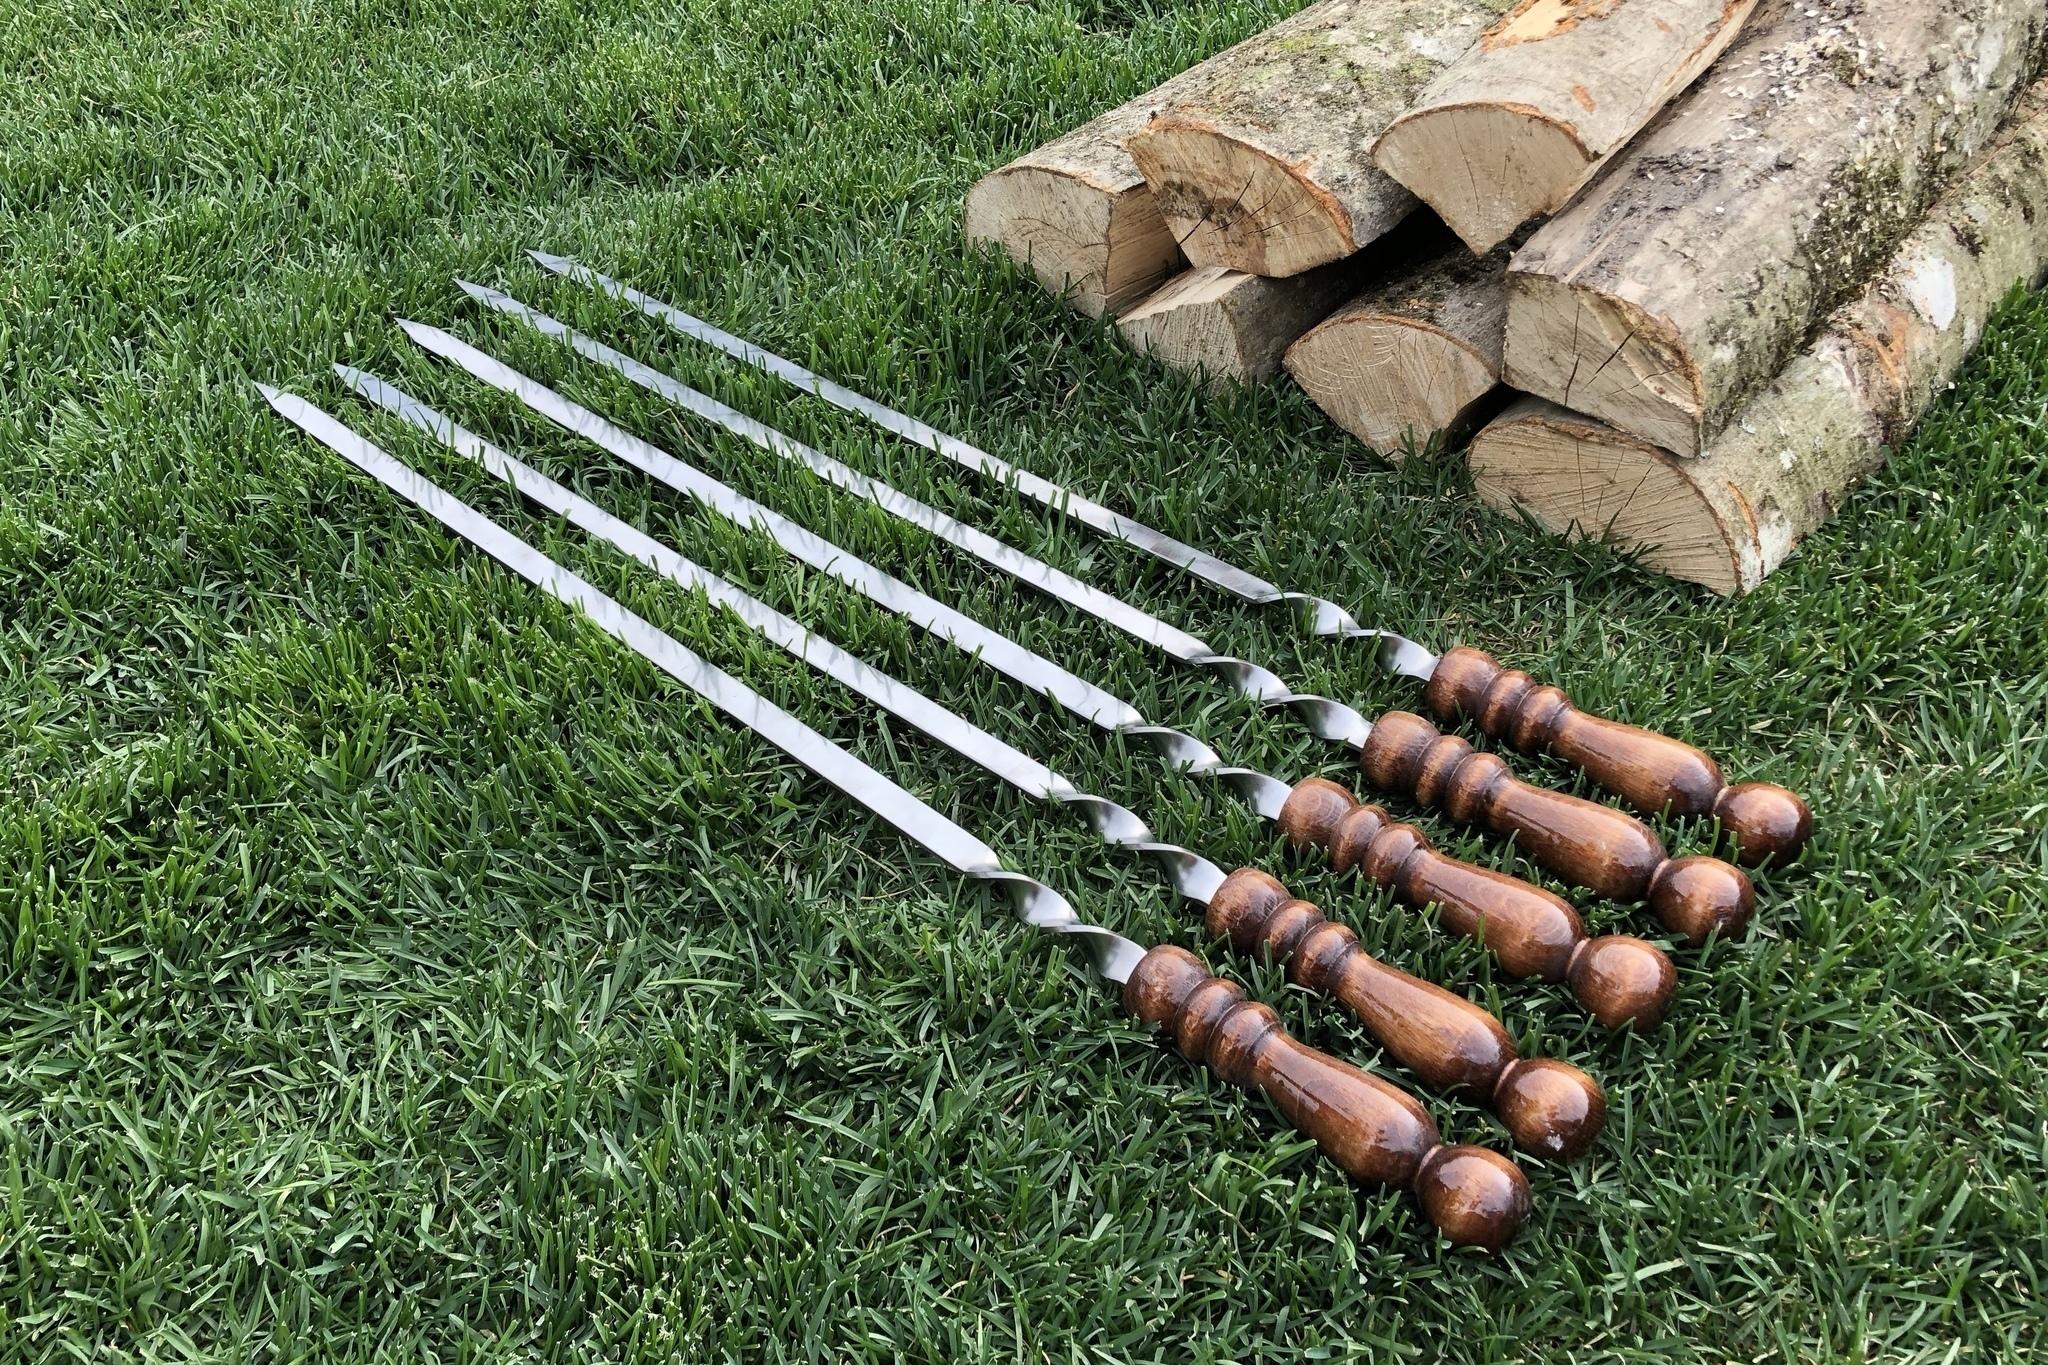 """Шампуры из нержавейки Шампур с деревянной ручкой """"Шар"""" 3мм (ширина 16мм) №4 IMG_3750.JPG"""